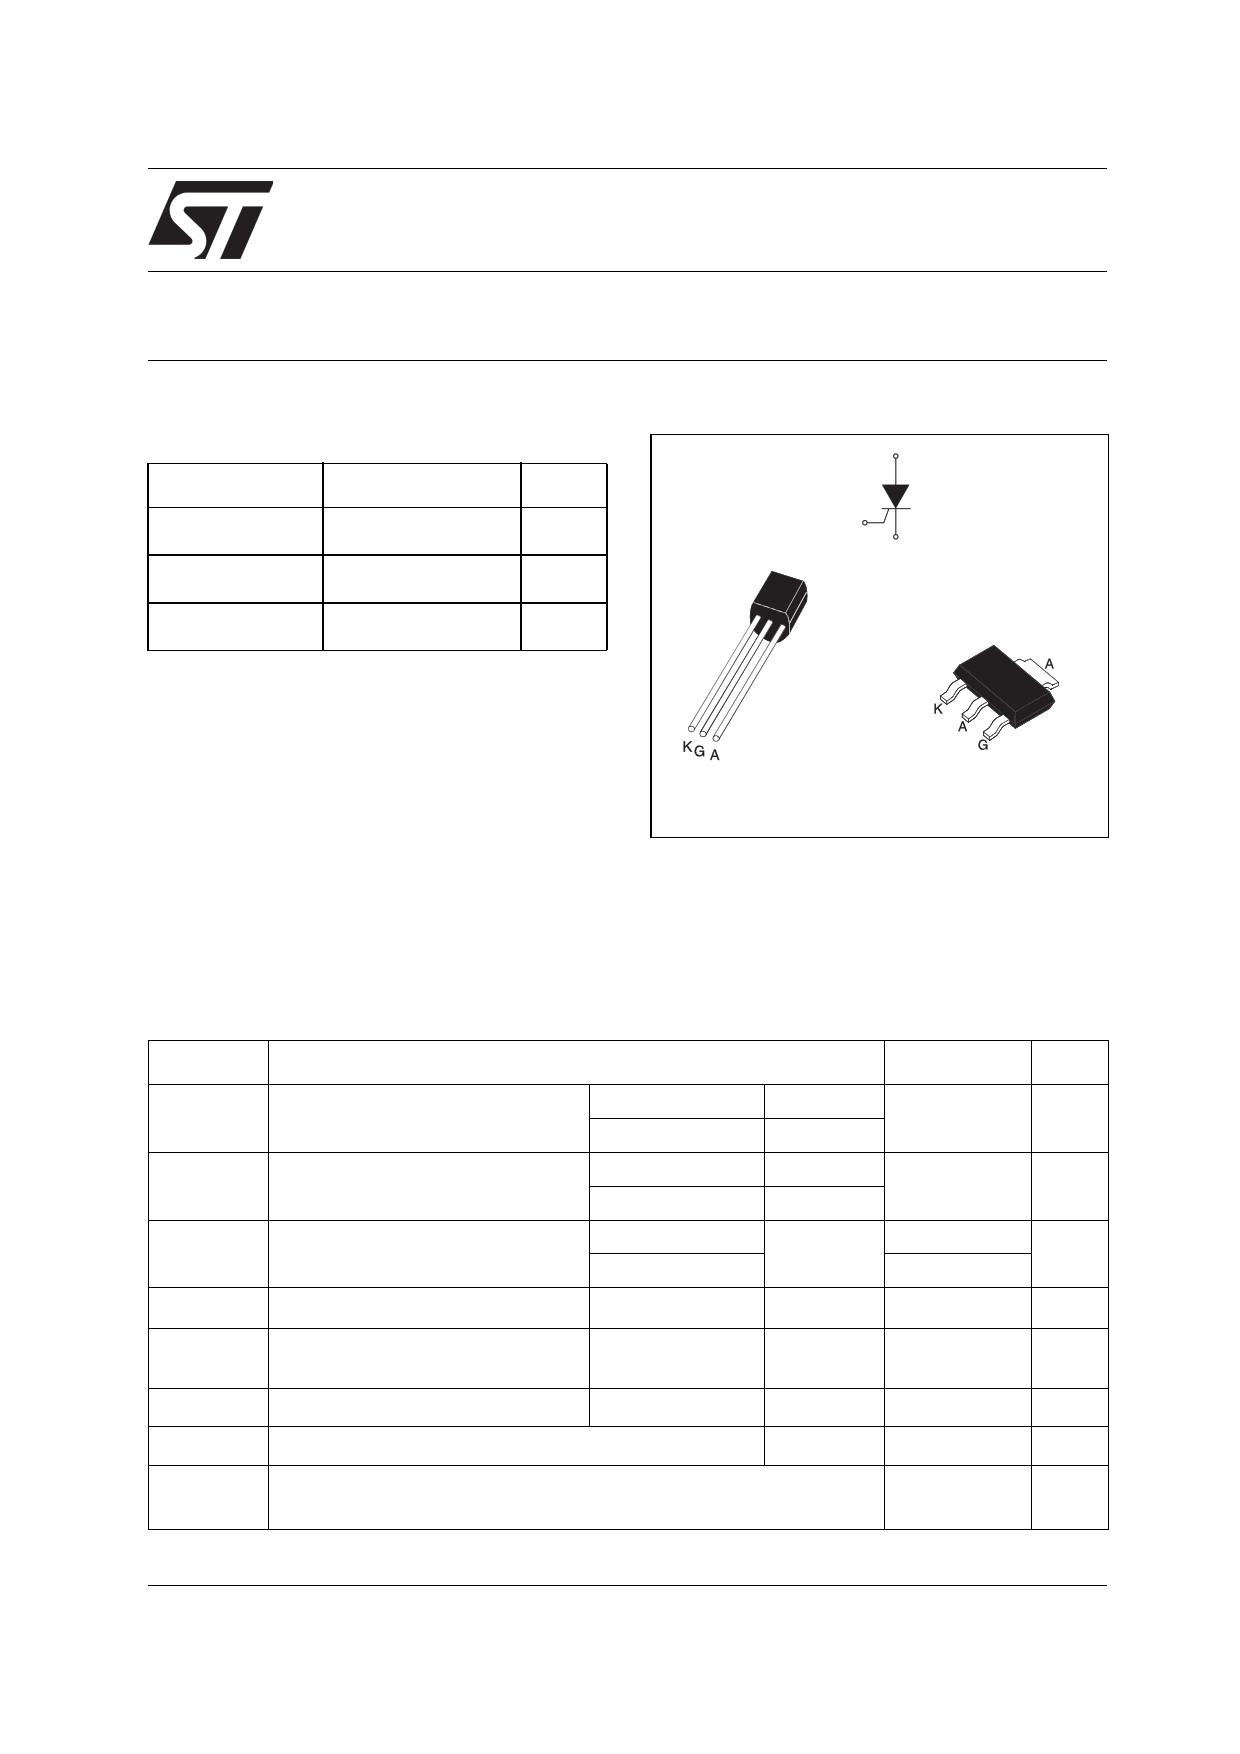 X02xxyA2BL2 دیتاشیت PDF